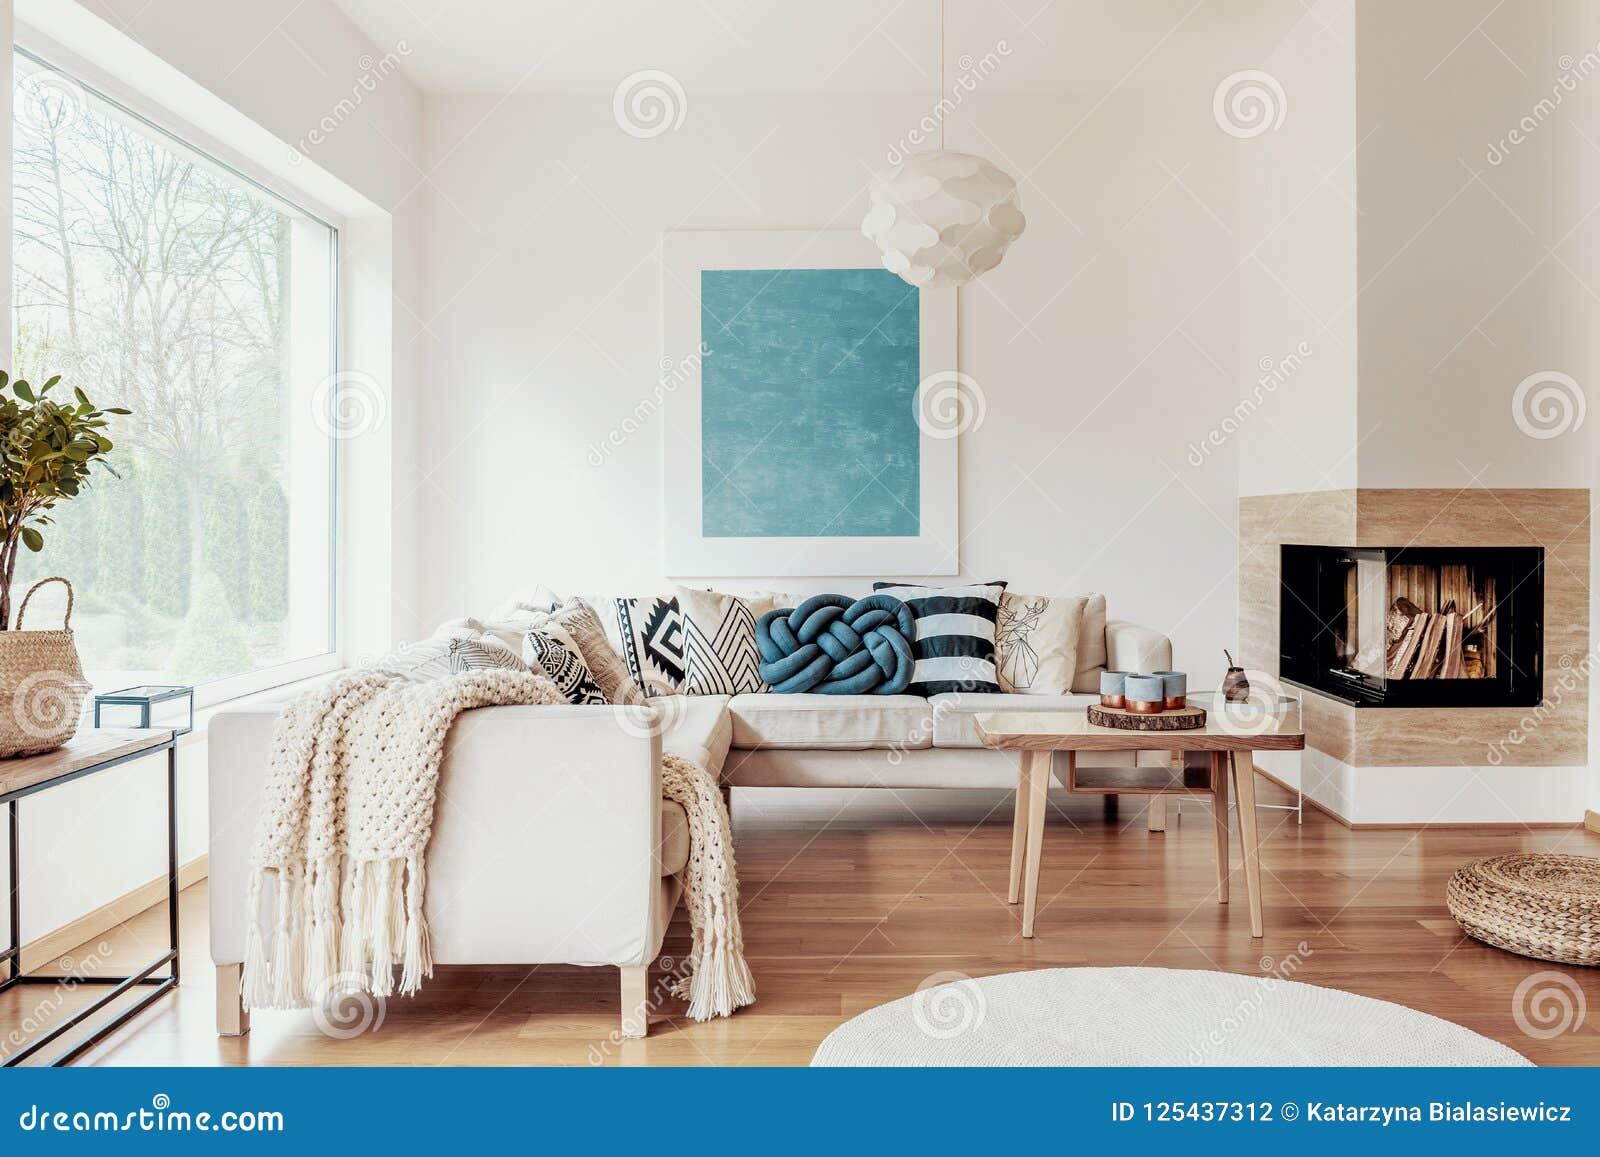 Oreiller de noeud de bleu de turquoise sur un sofa faisant le coin beige et une affiche abstraite sur un mur blanc dans un intéri